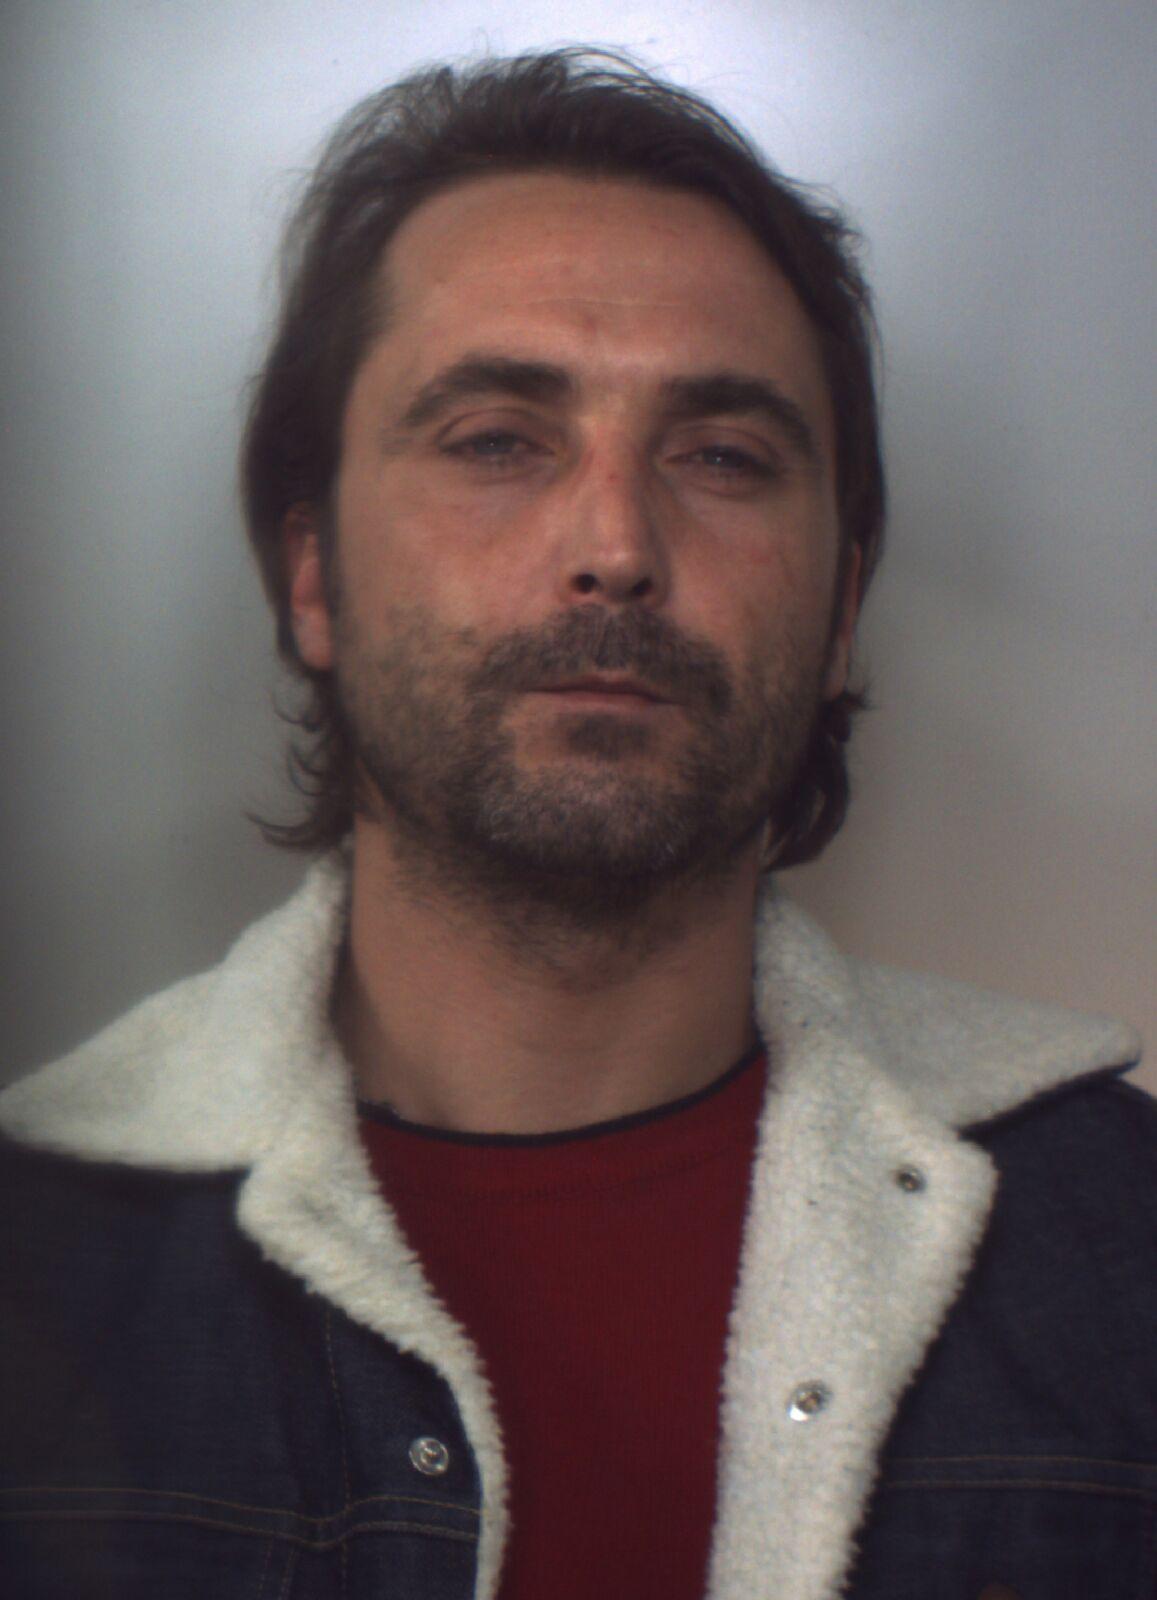 Strage di San Lorenzo del Vallo, Galizia resta in carcereConfermato dal riesame l'arresto del principale sospettato